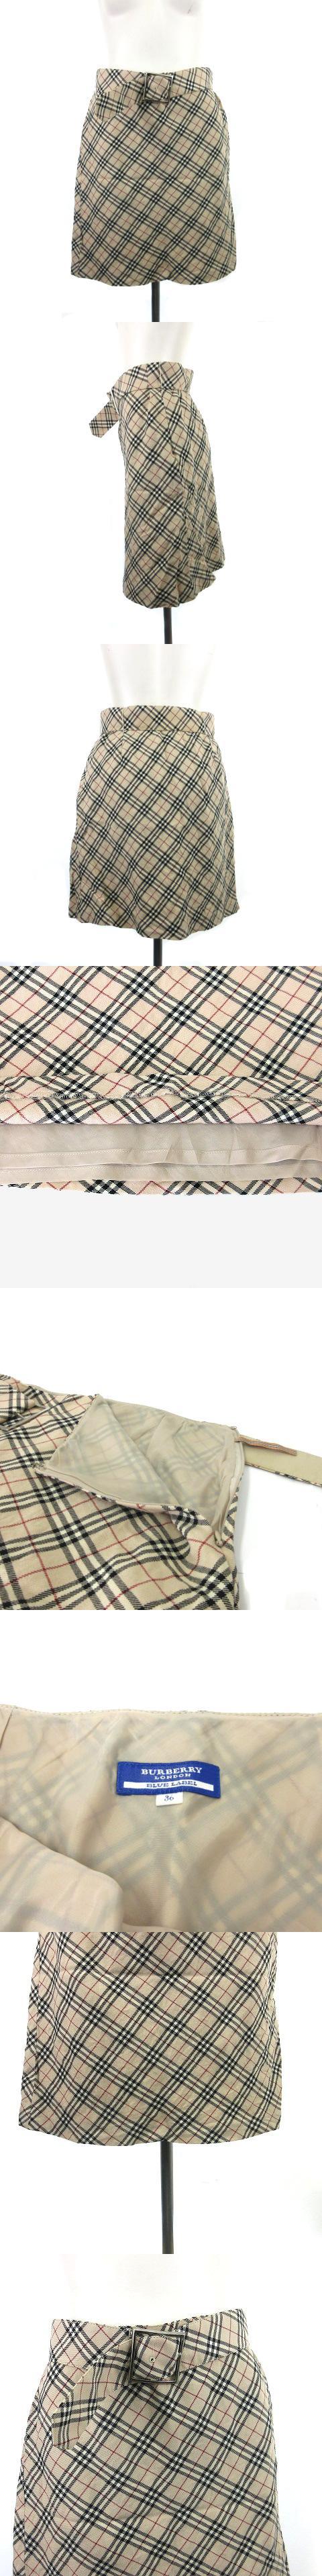 スカート 台形 ミニ ノバチェック ベルト付き FLF70-536 ウール混 ベージュ系 36